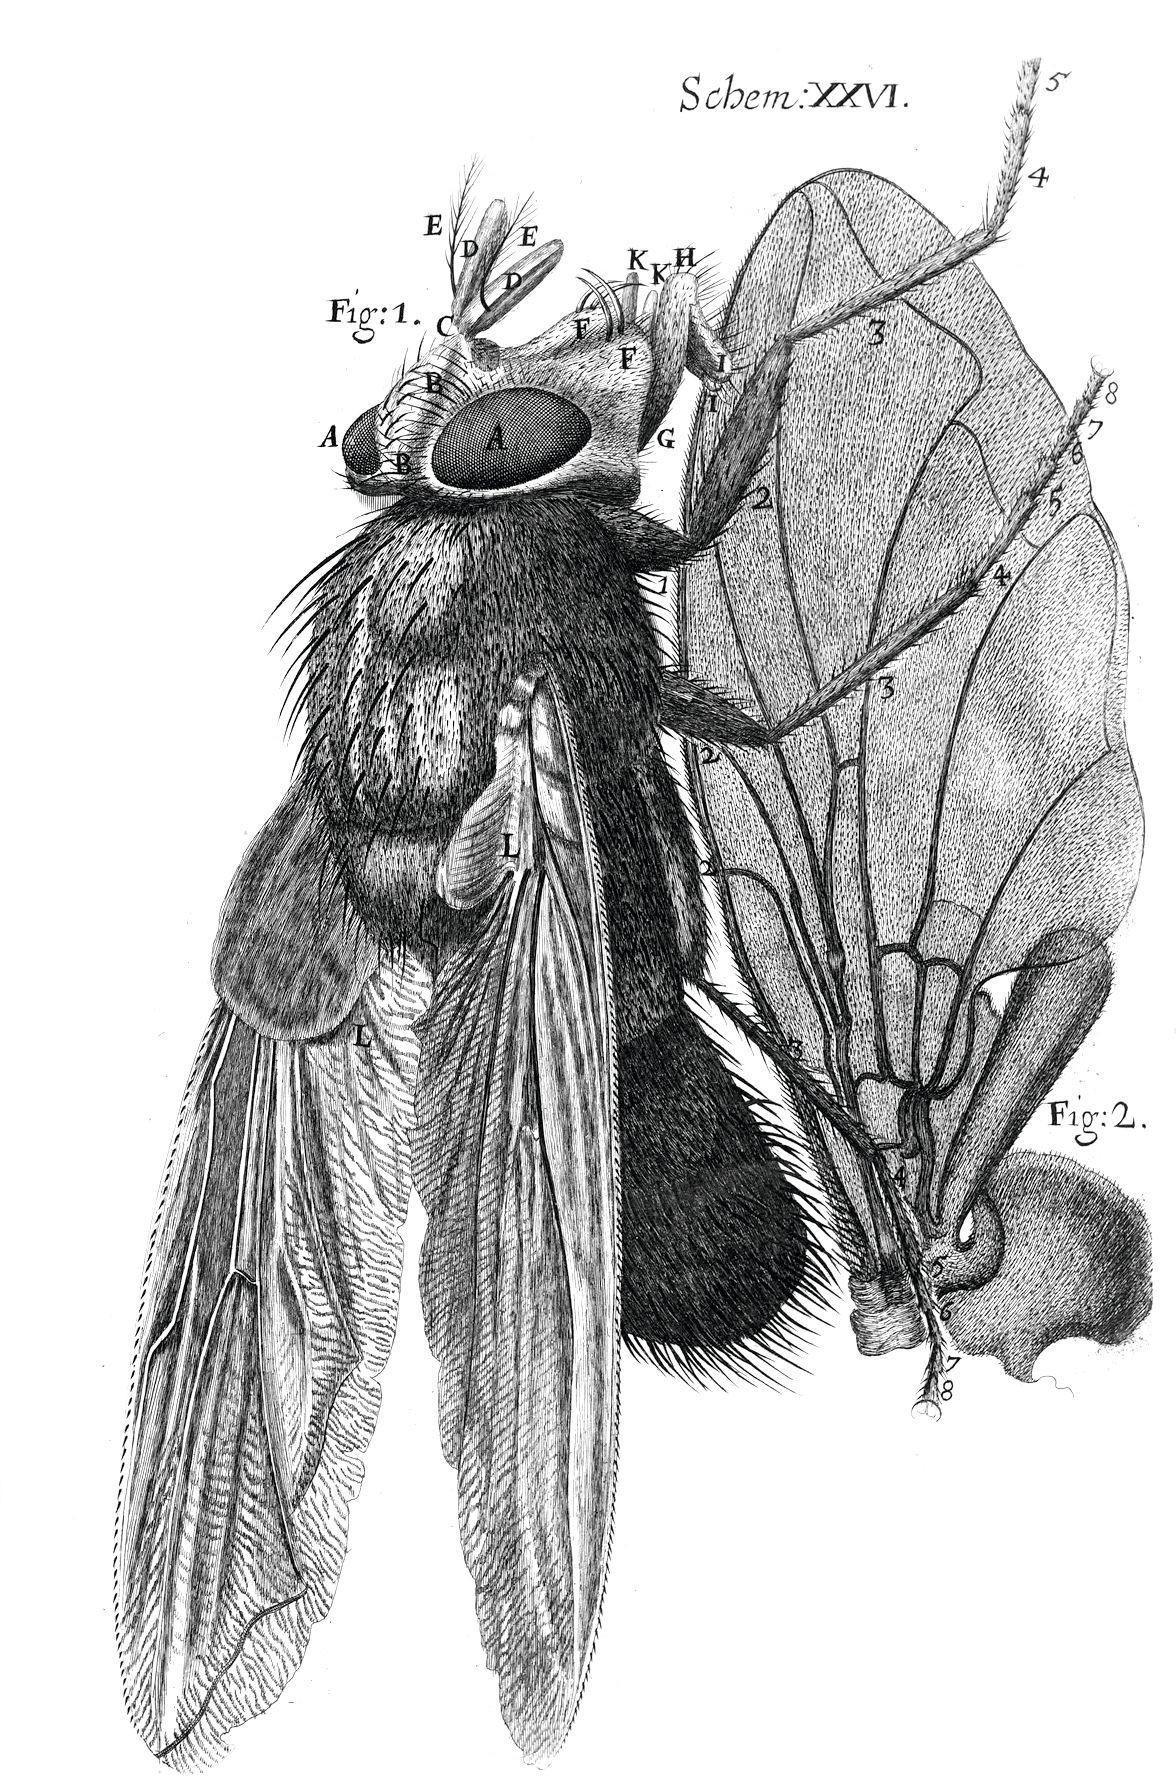 Portrait d'une mouche dessiné par Hooke (1665).